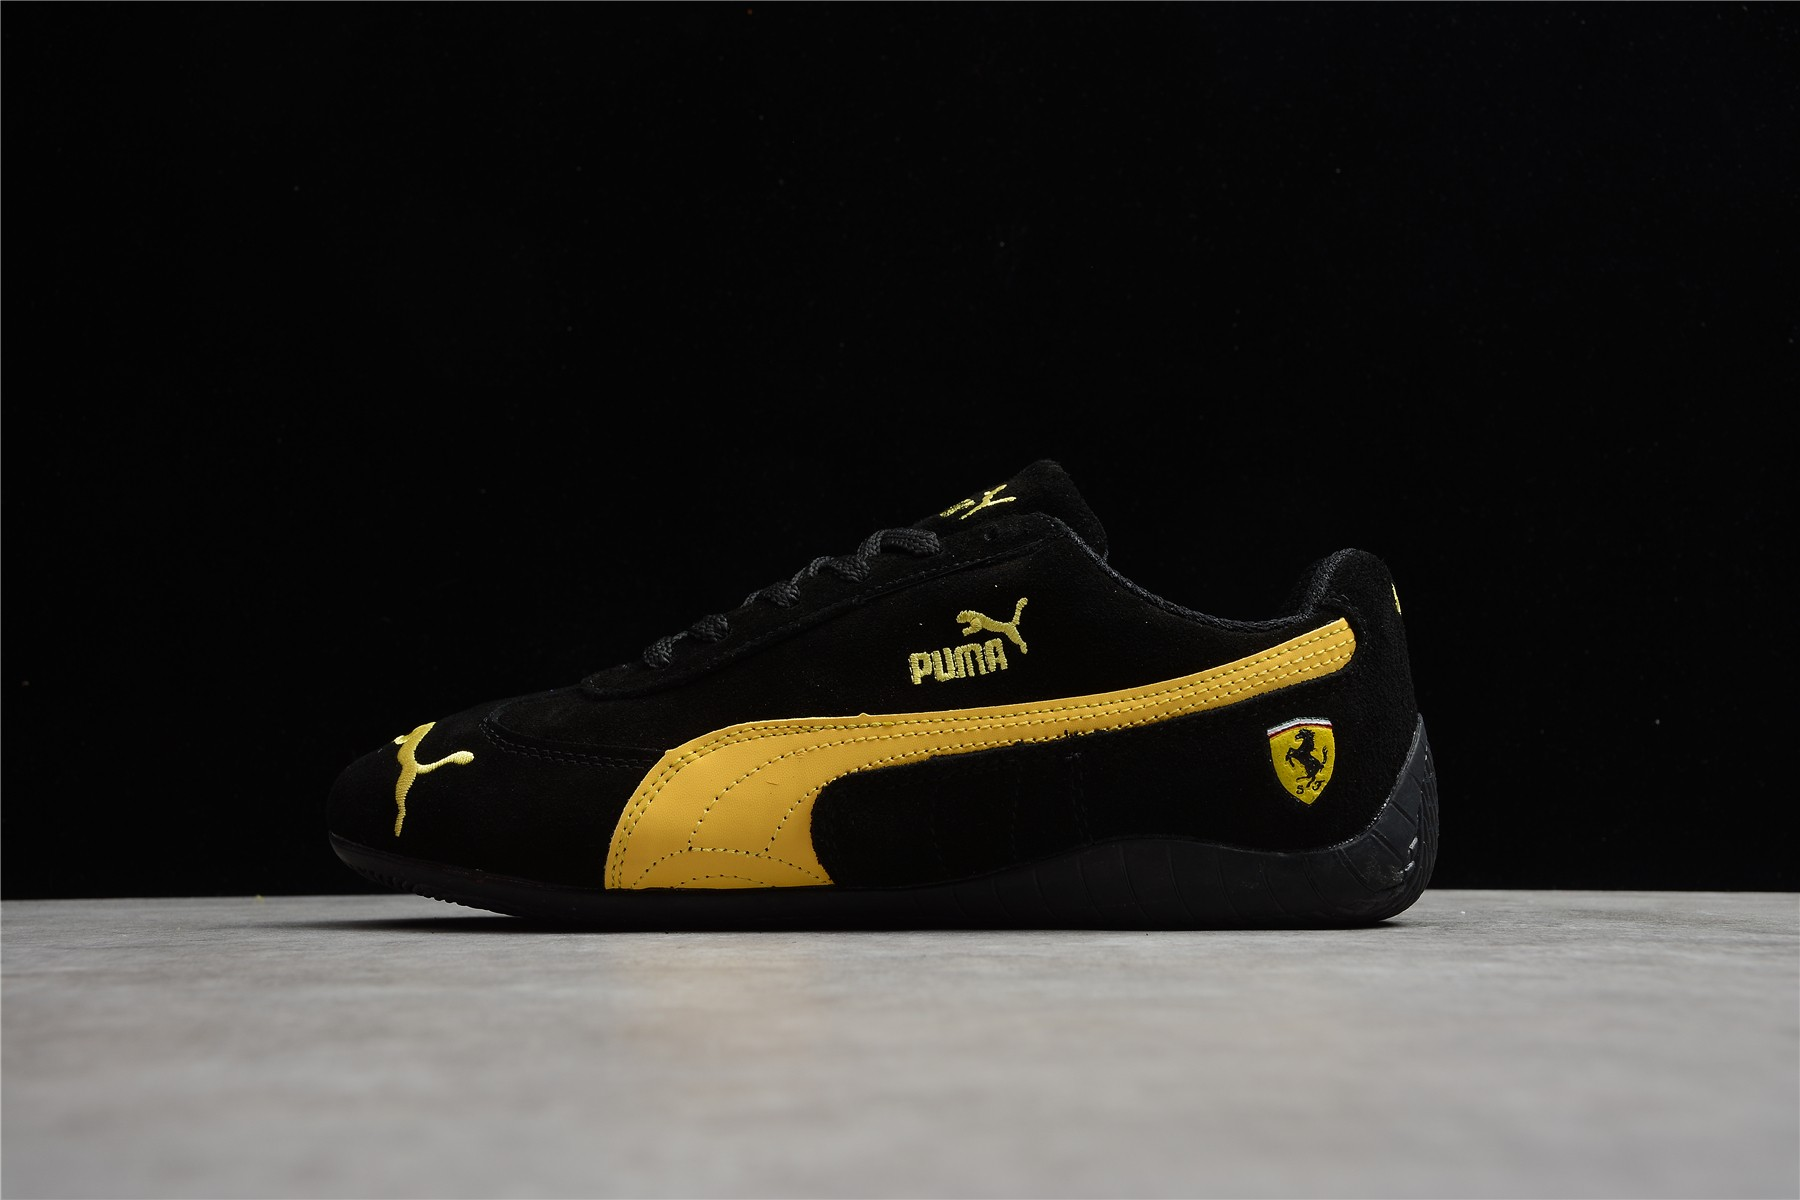 彪马法拉利联名款赛车休闲鞋 Puma Future Cat Leather Sf 彪马法拉利黑黄配色 货号:300833-02-潮流者之家